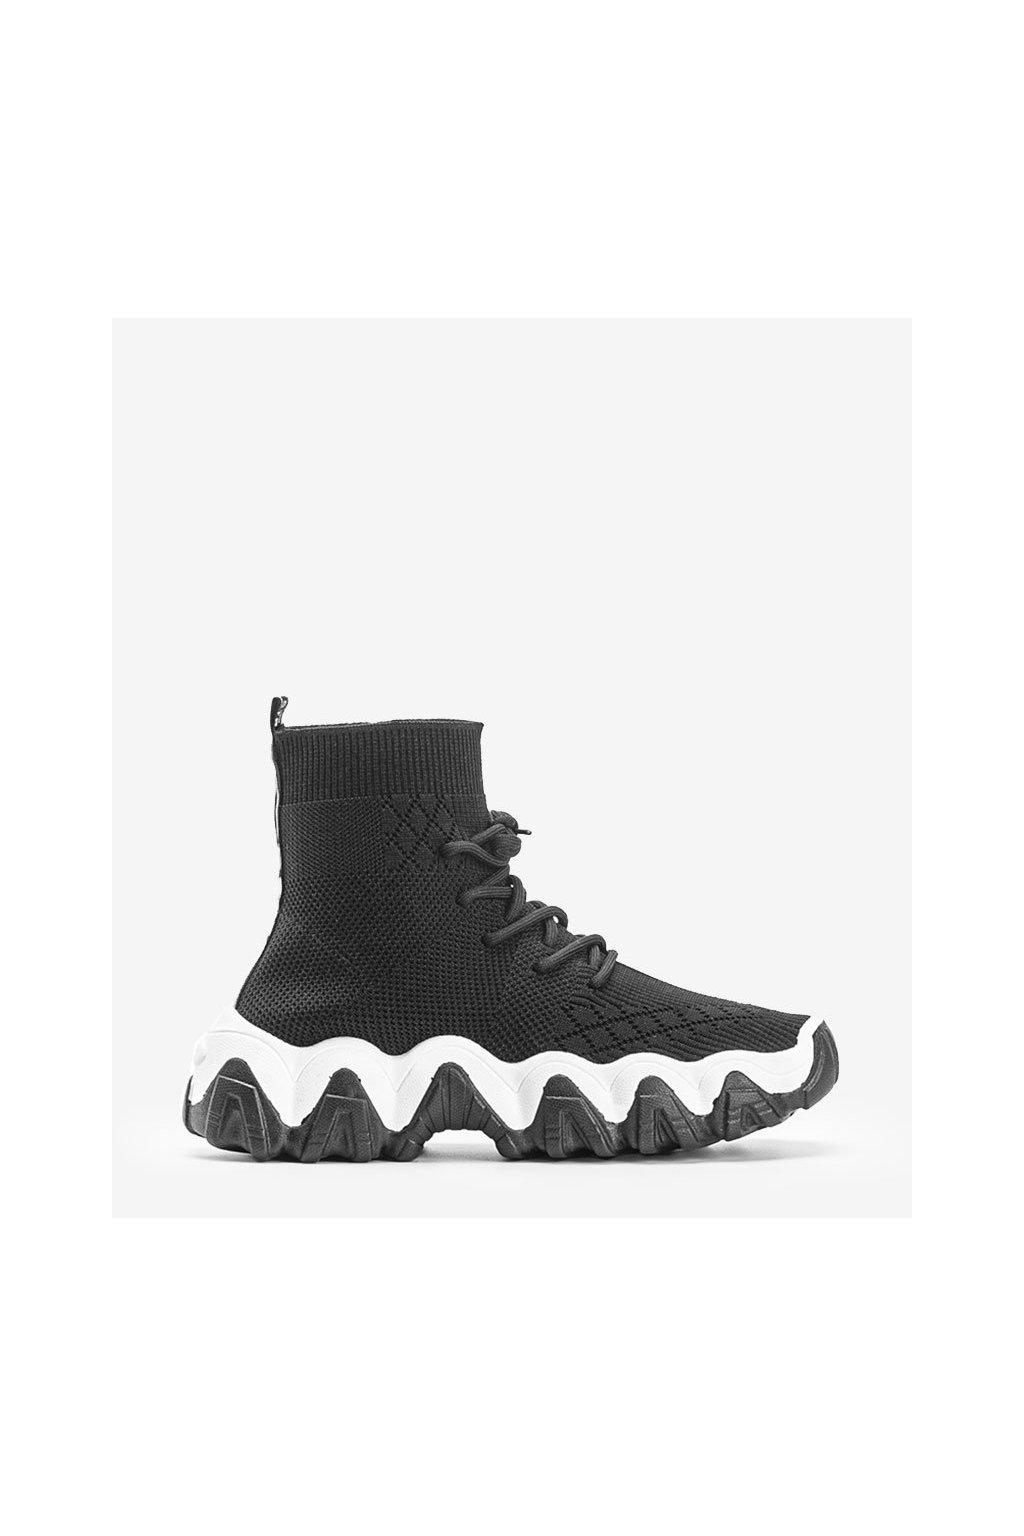 Dámske topánky tenisky čierne kód PC83 - GM